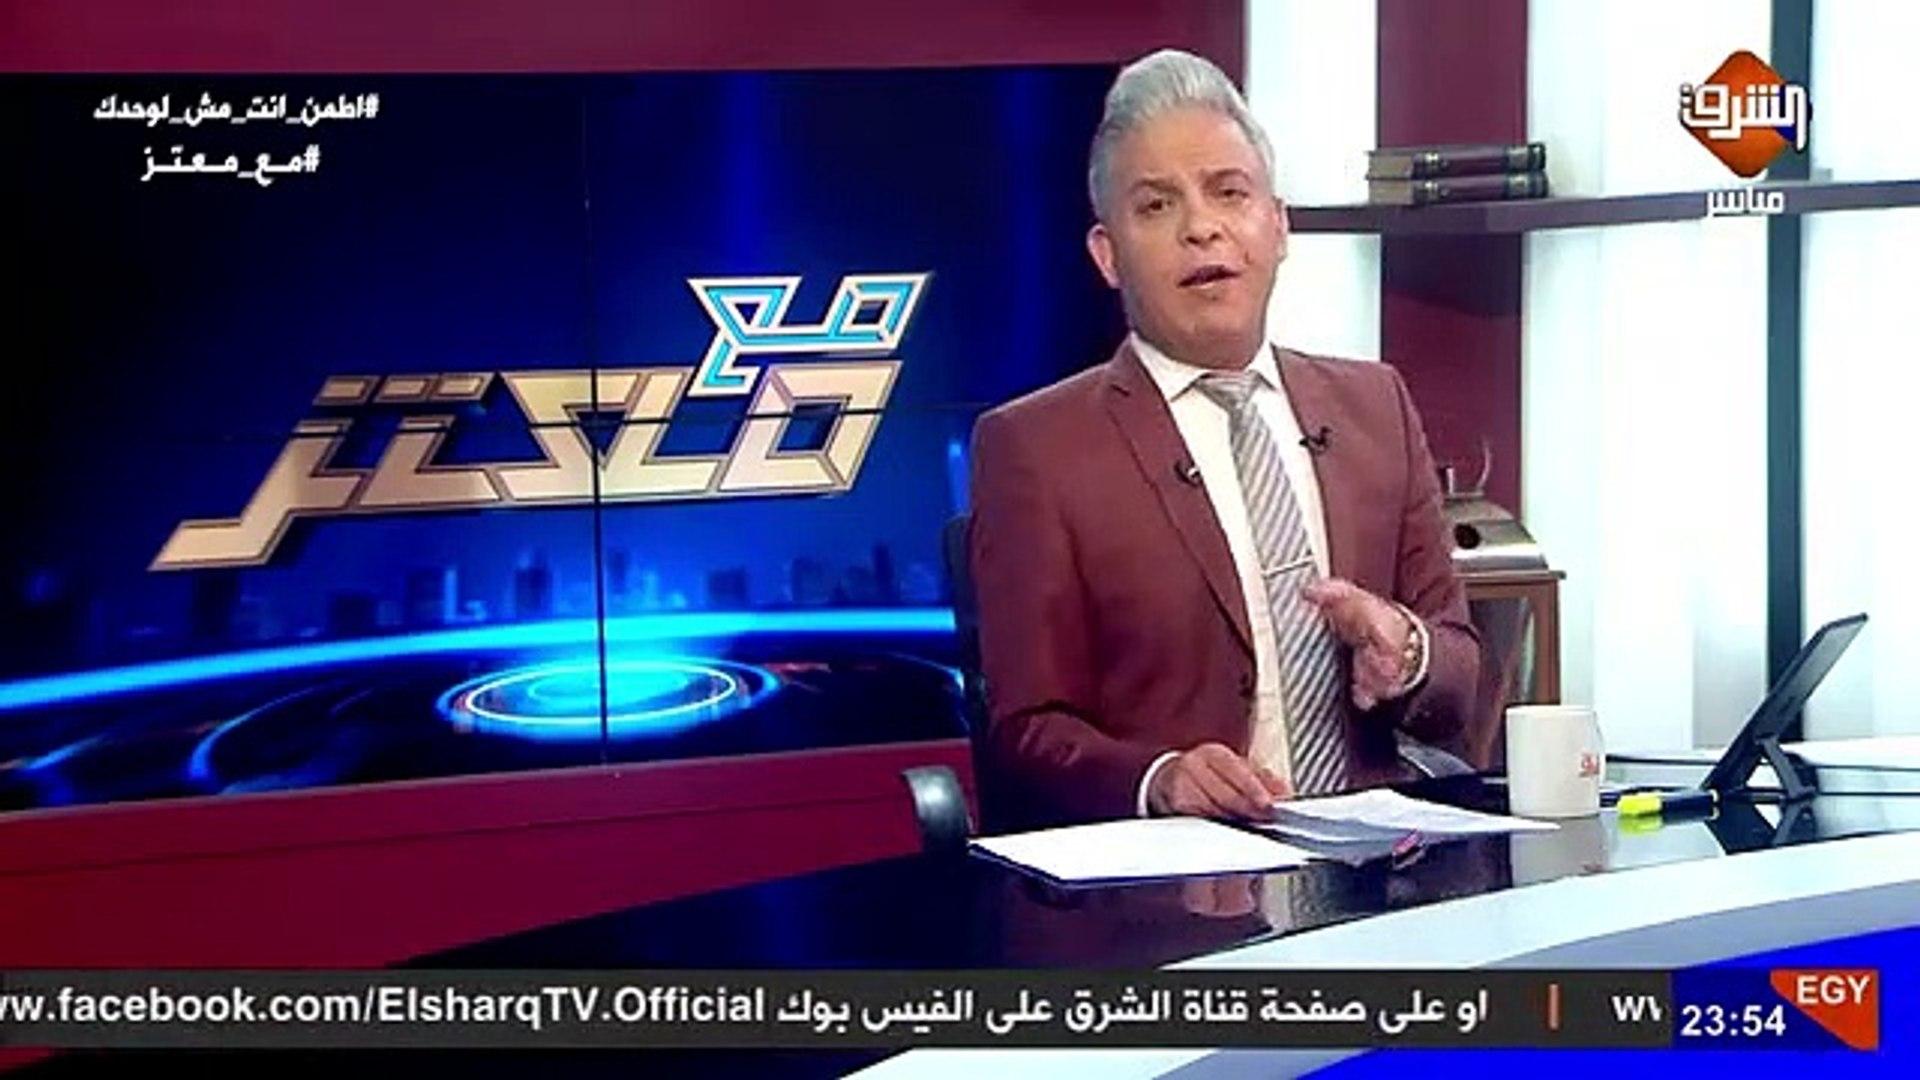 بالدليل القاطع #معتز_مطر يكشف تفاصيل هروب الأميرة هيا بنت الحسين زوجة حاكم دبي ..!!